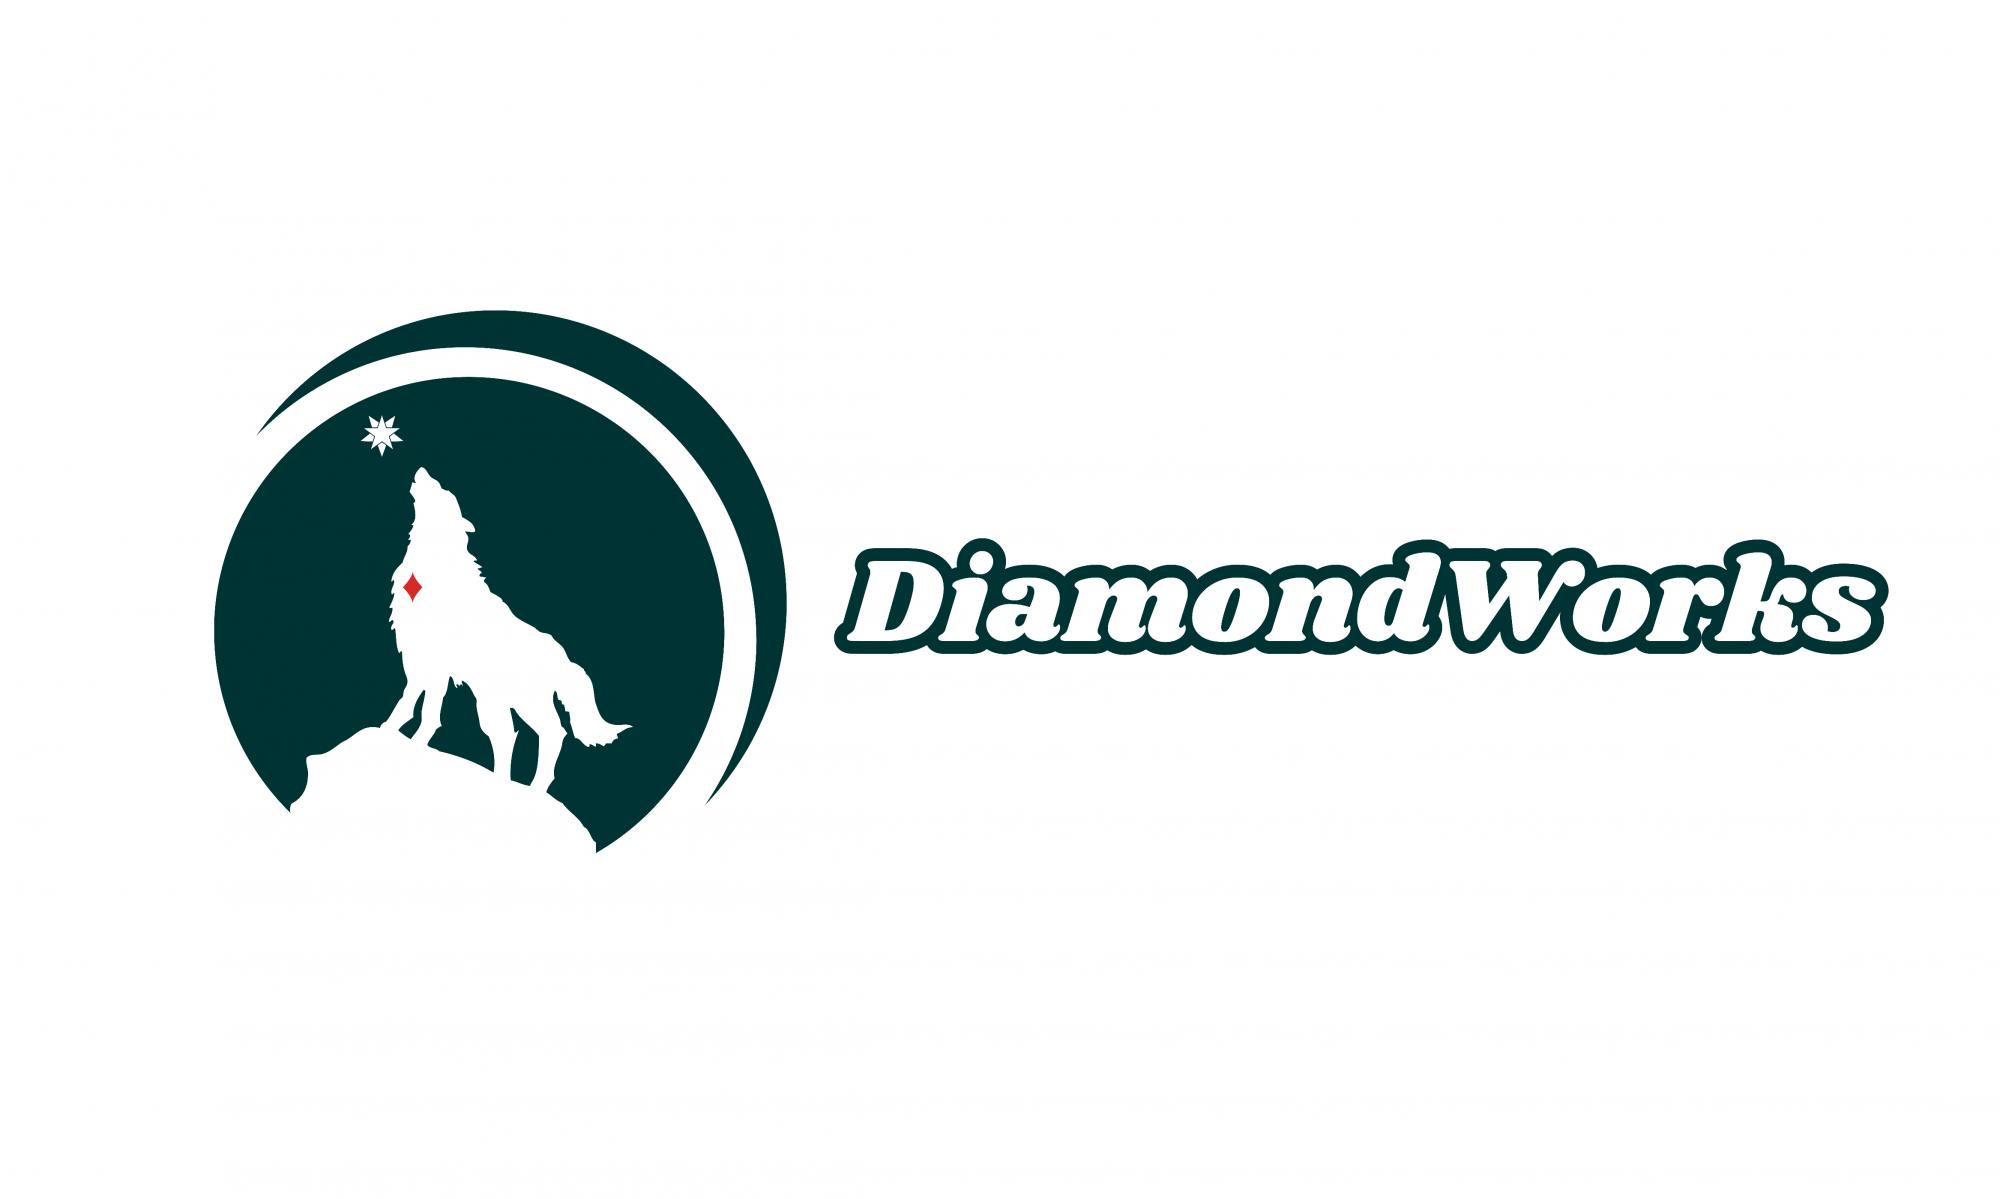 株式会社DiamondWorks(ダイアモンドワークス)